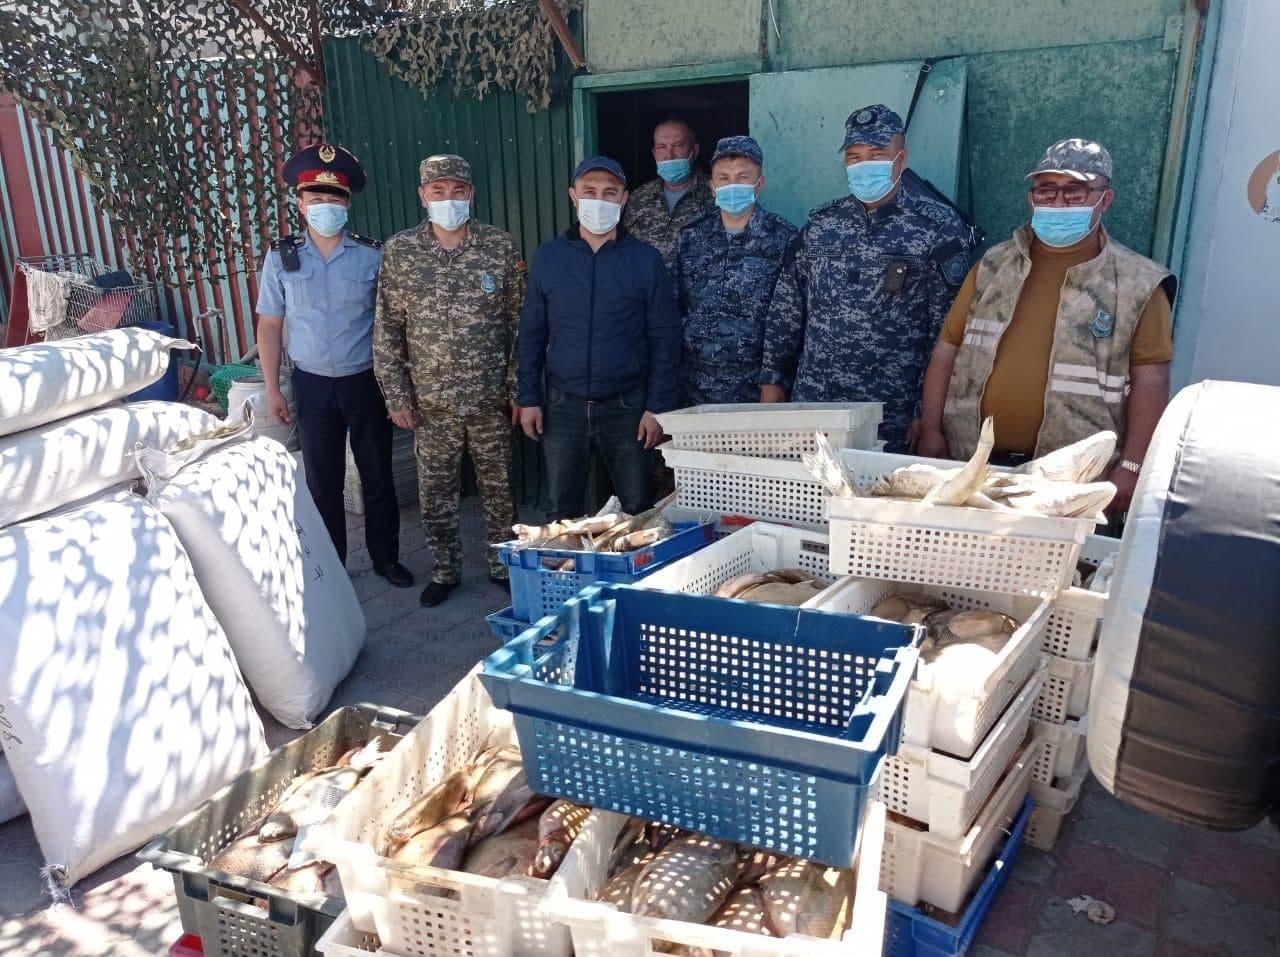 Более 500 кг рыбы изъяли у браконьеров в Капшагае